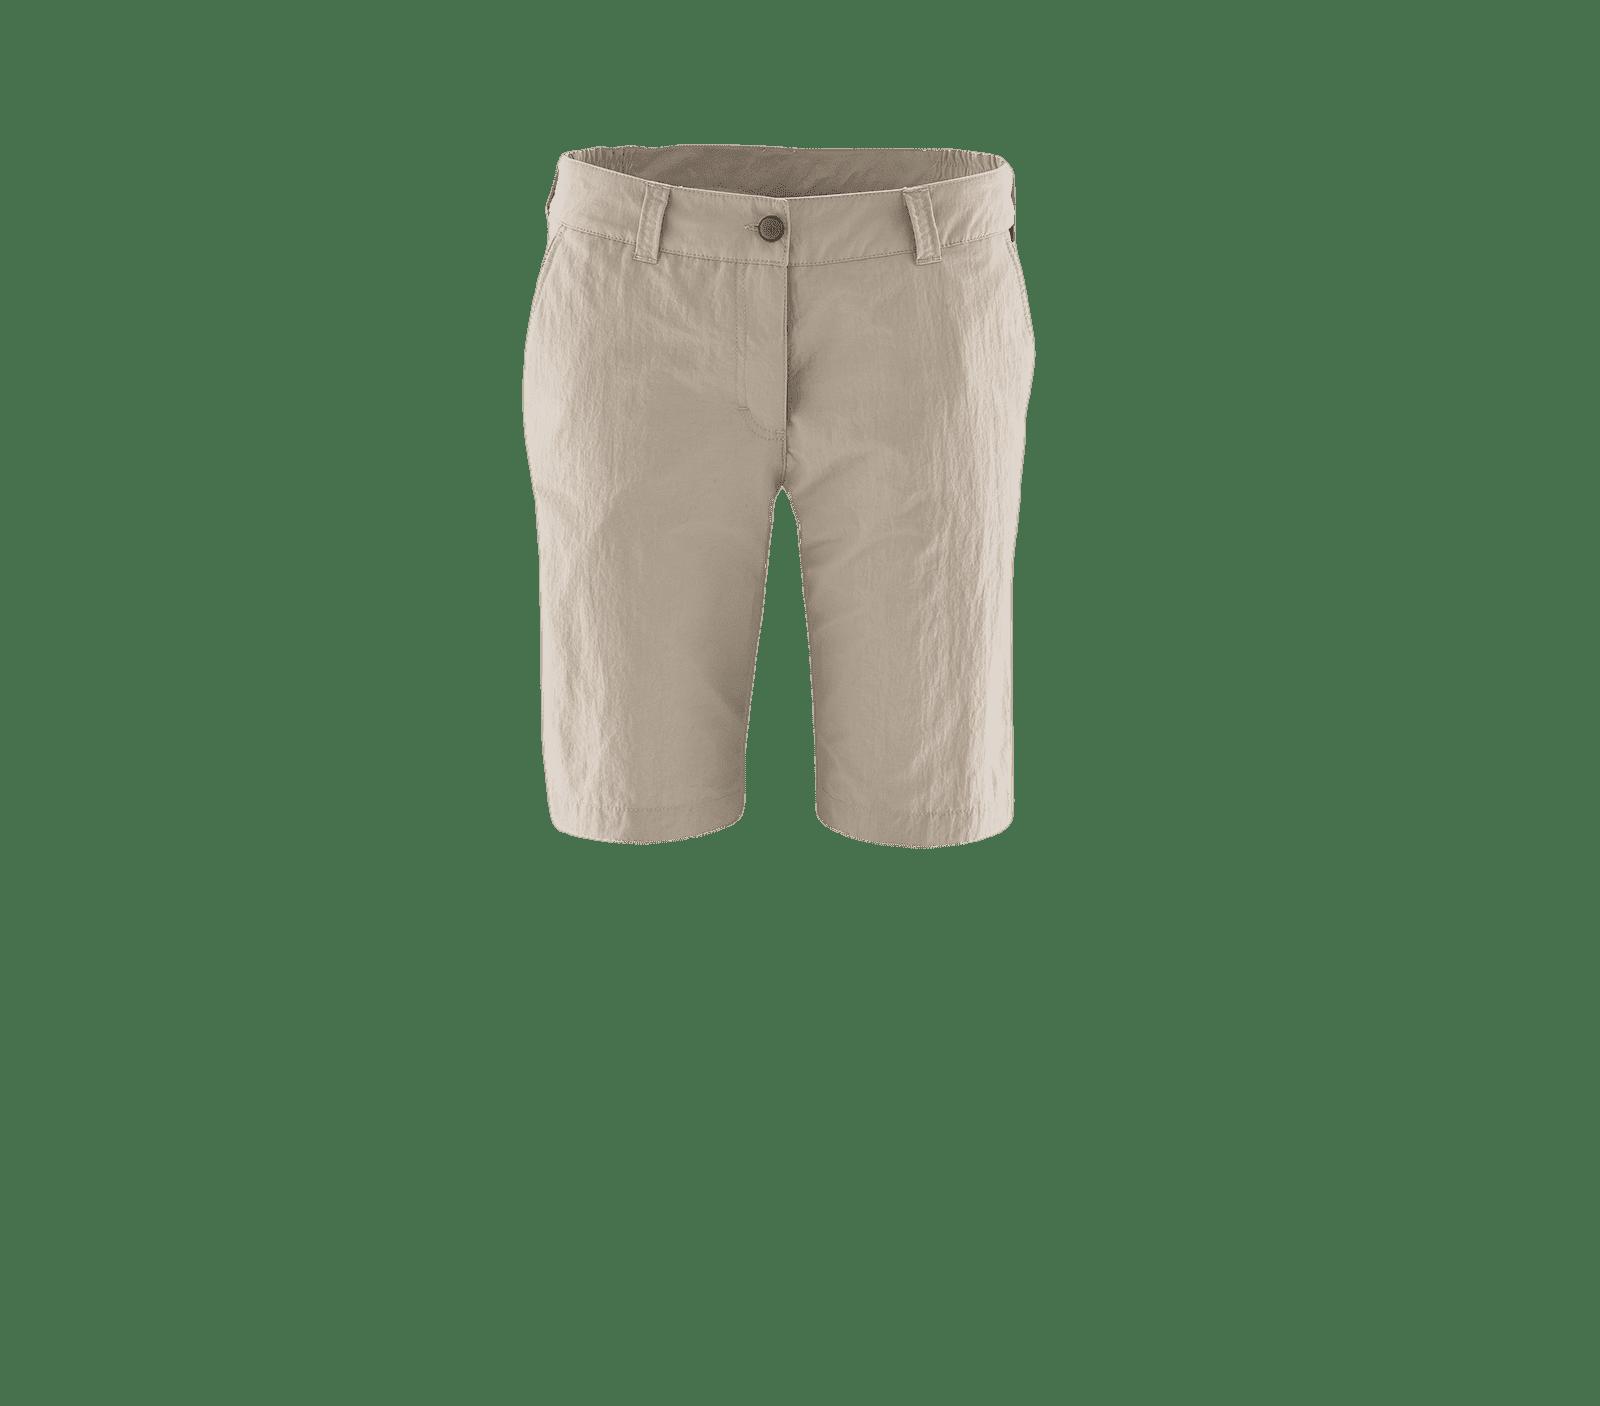 Bermuda nidda